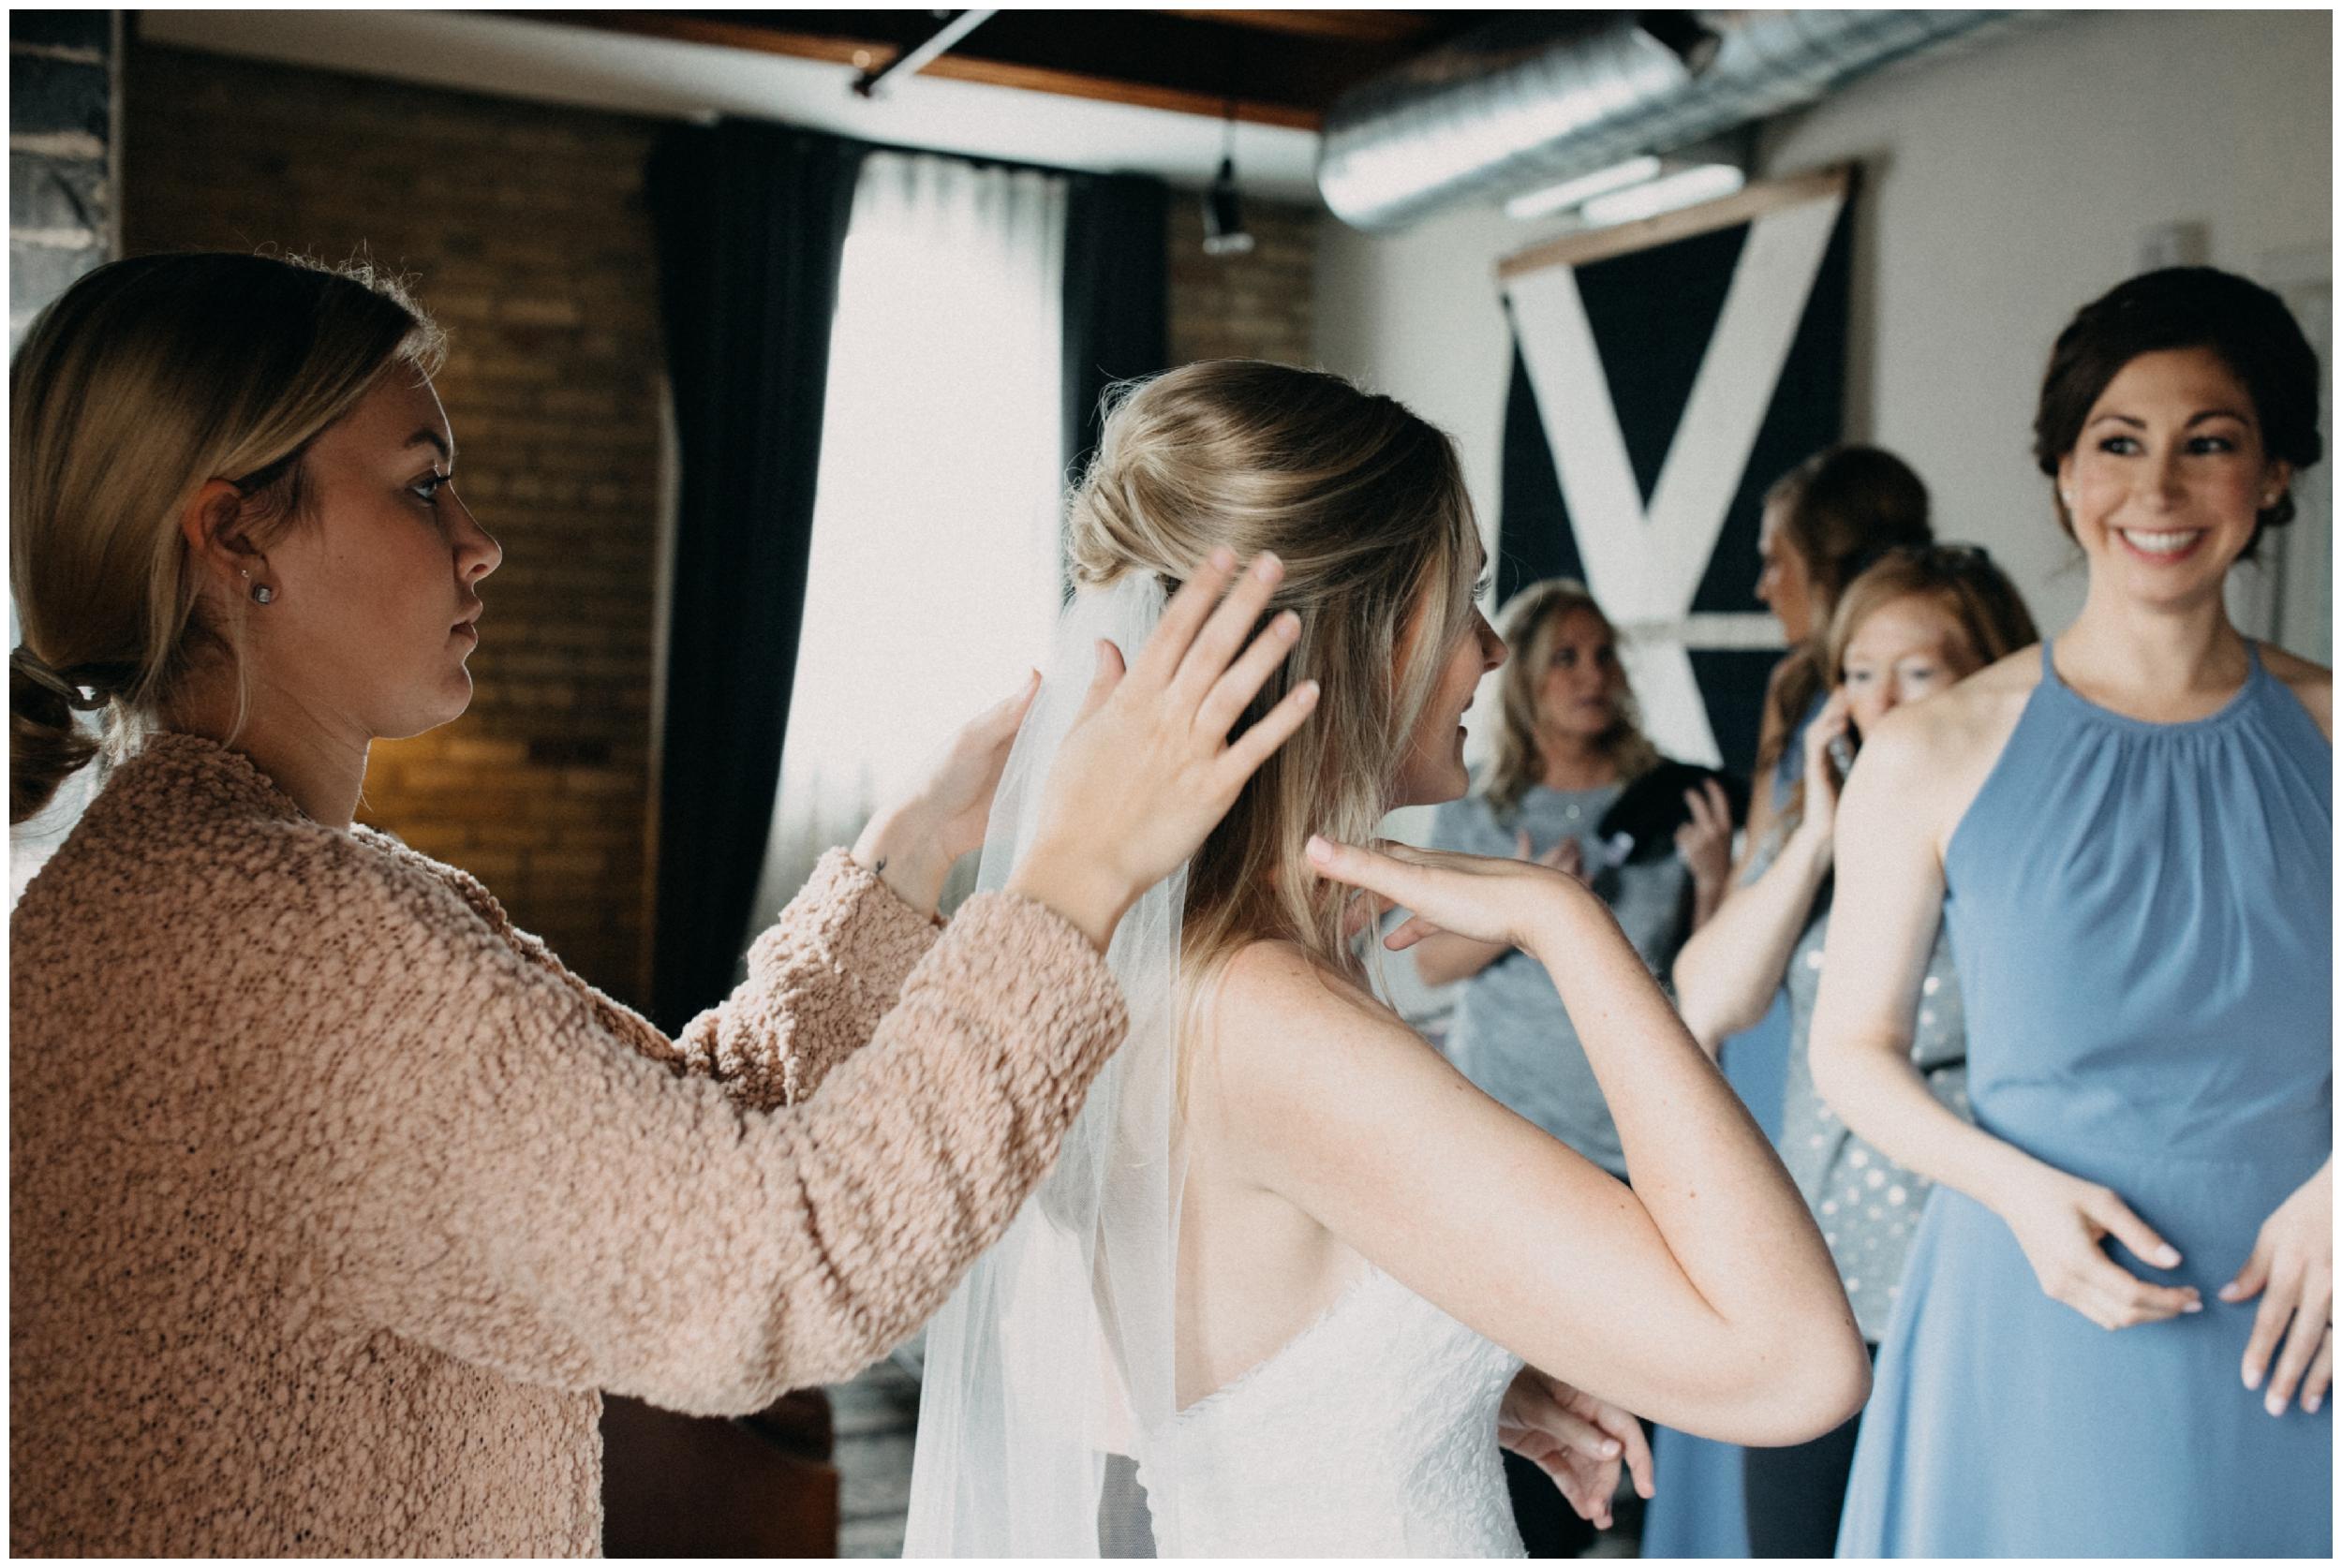 hewing-hotel-wedding-getting-ready_0018.jpg